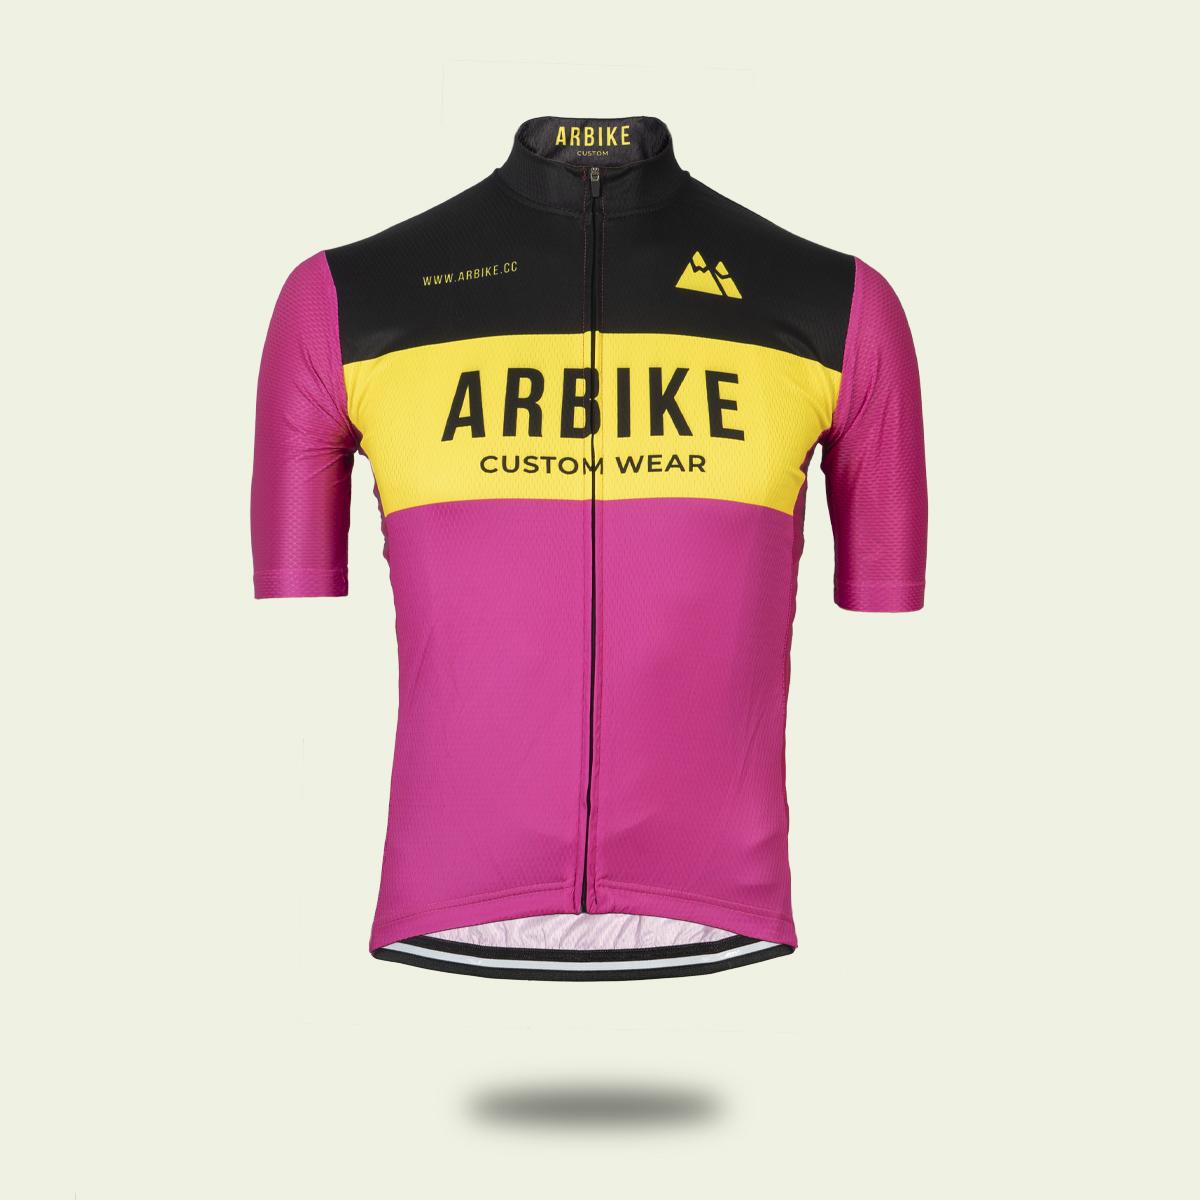 arbike maillot ciclismo barato